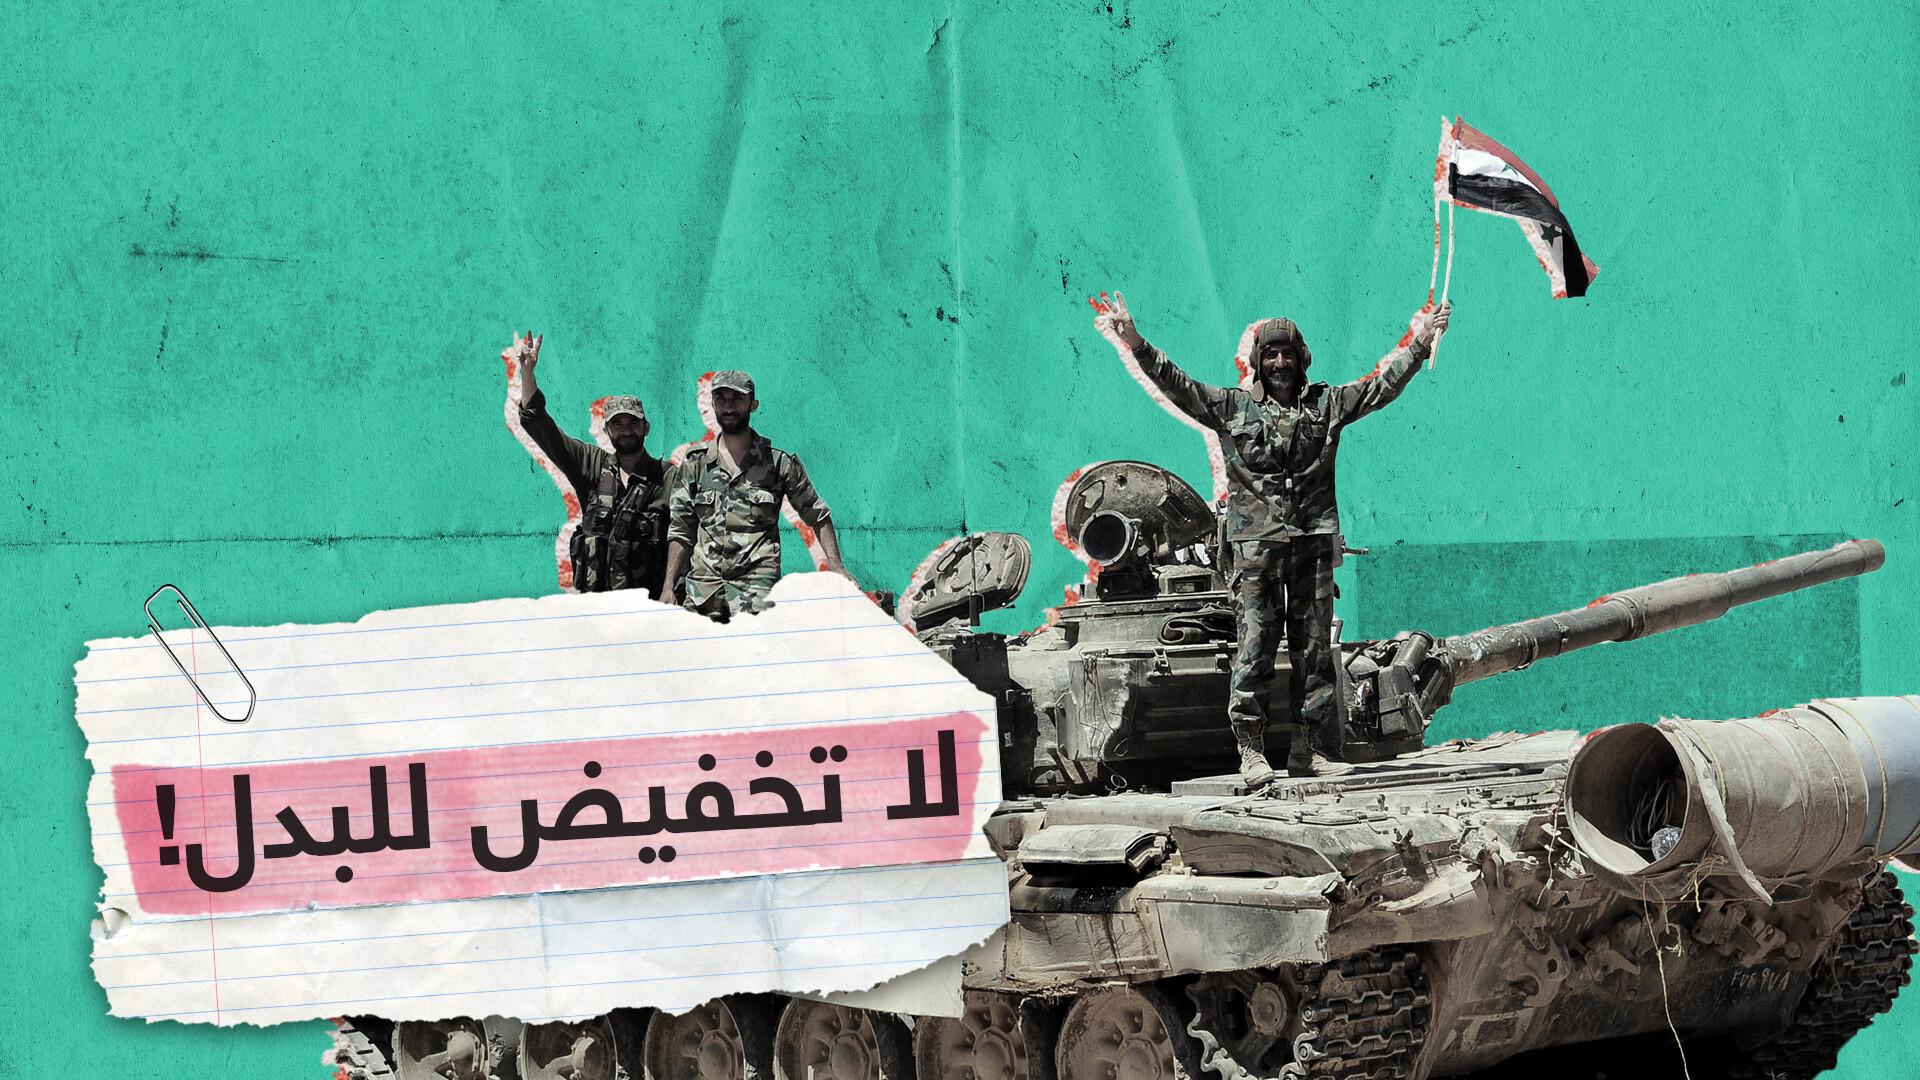 """""""البدل الخارجي"""" يثير جدلا على مواقع التواصل في سوريا"""